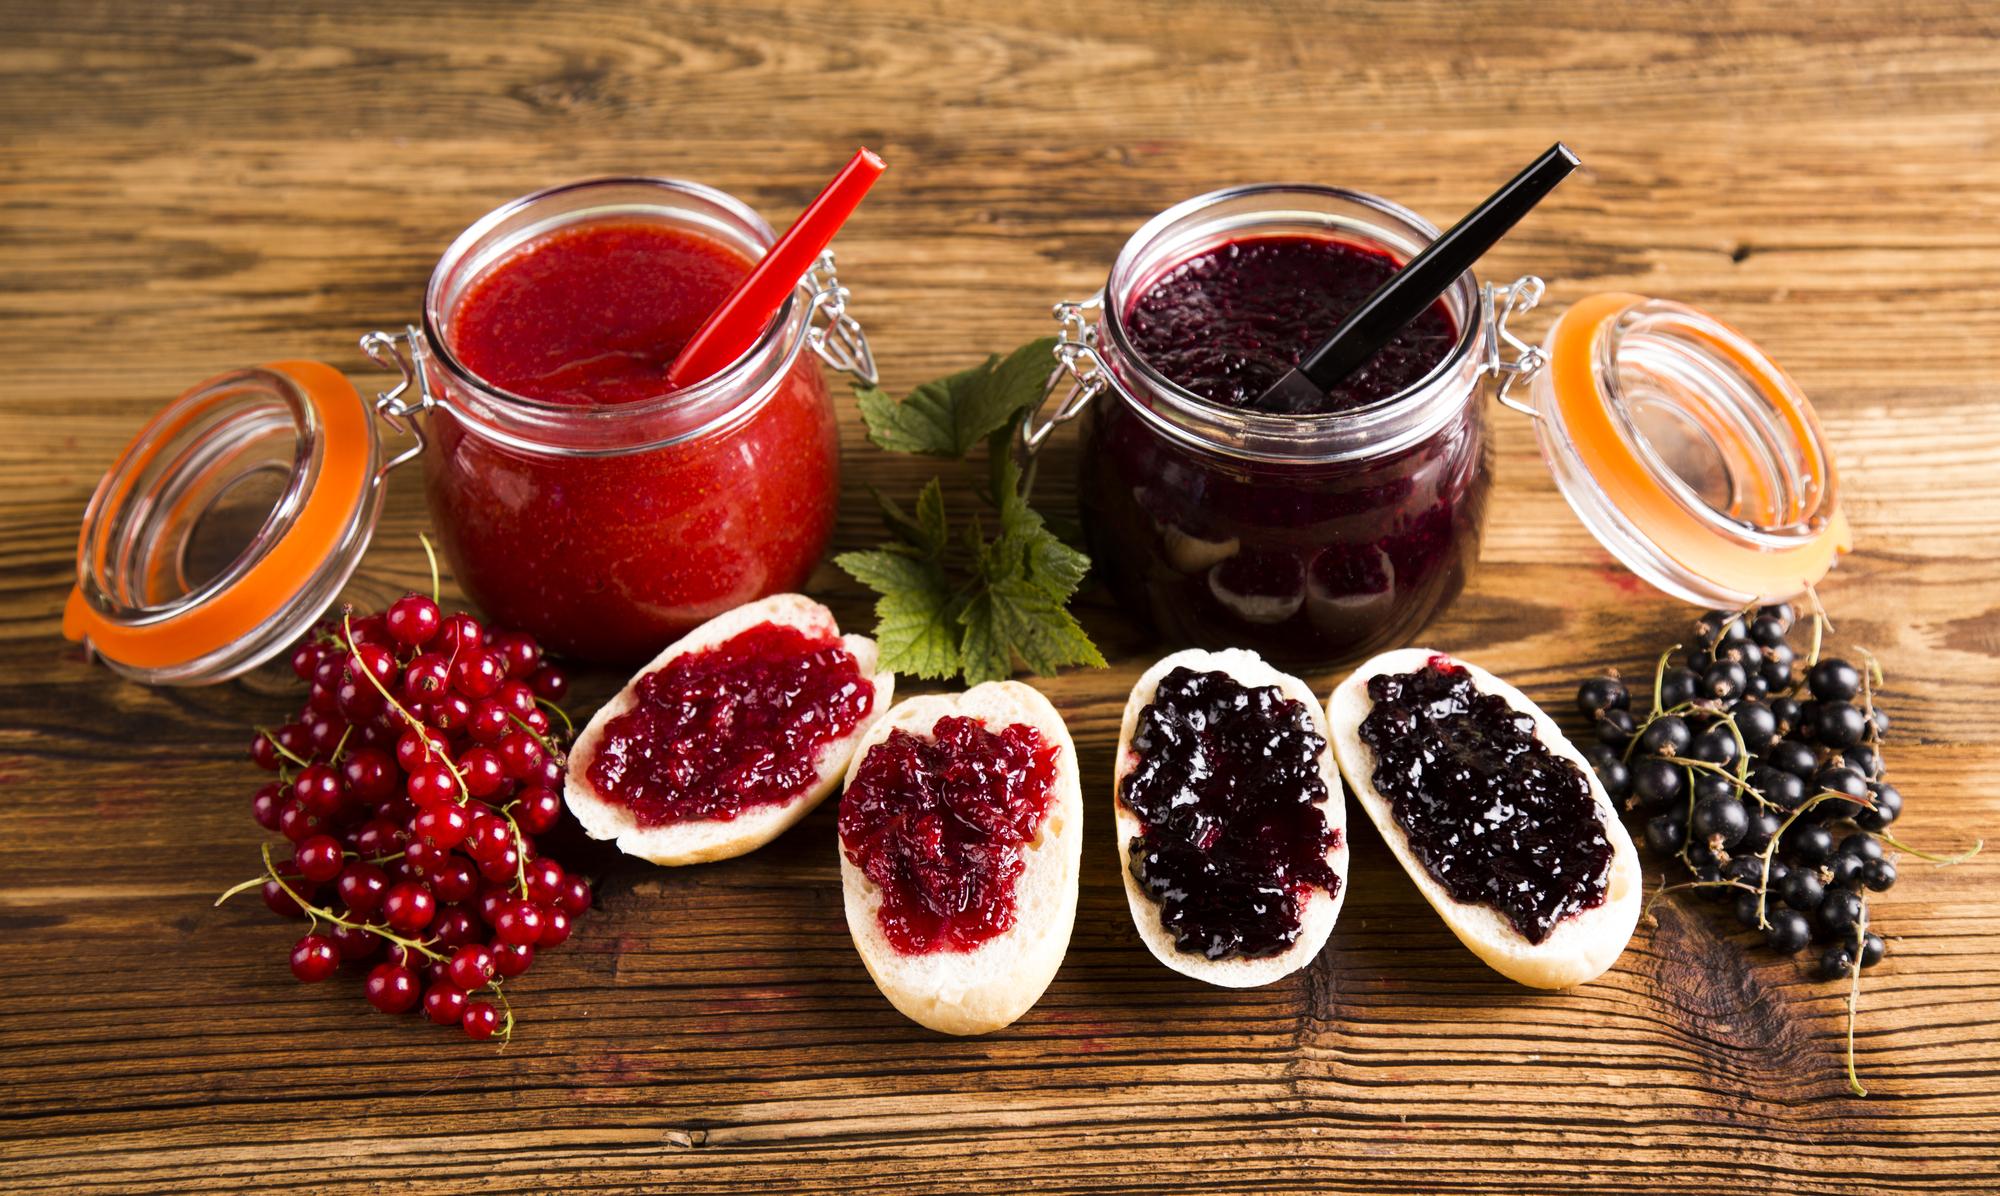 Варенье из малины и крыжовника: рецепт заготовки